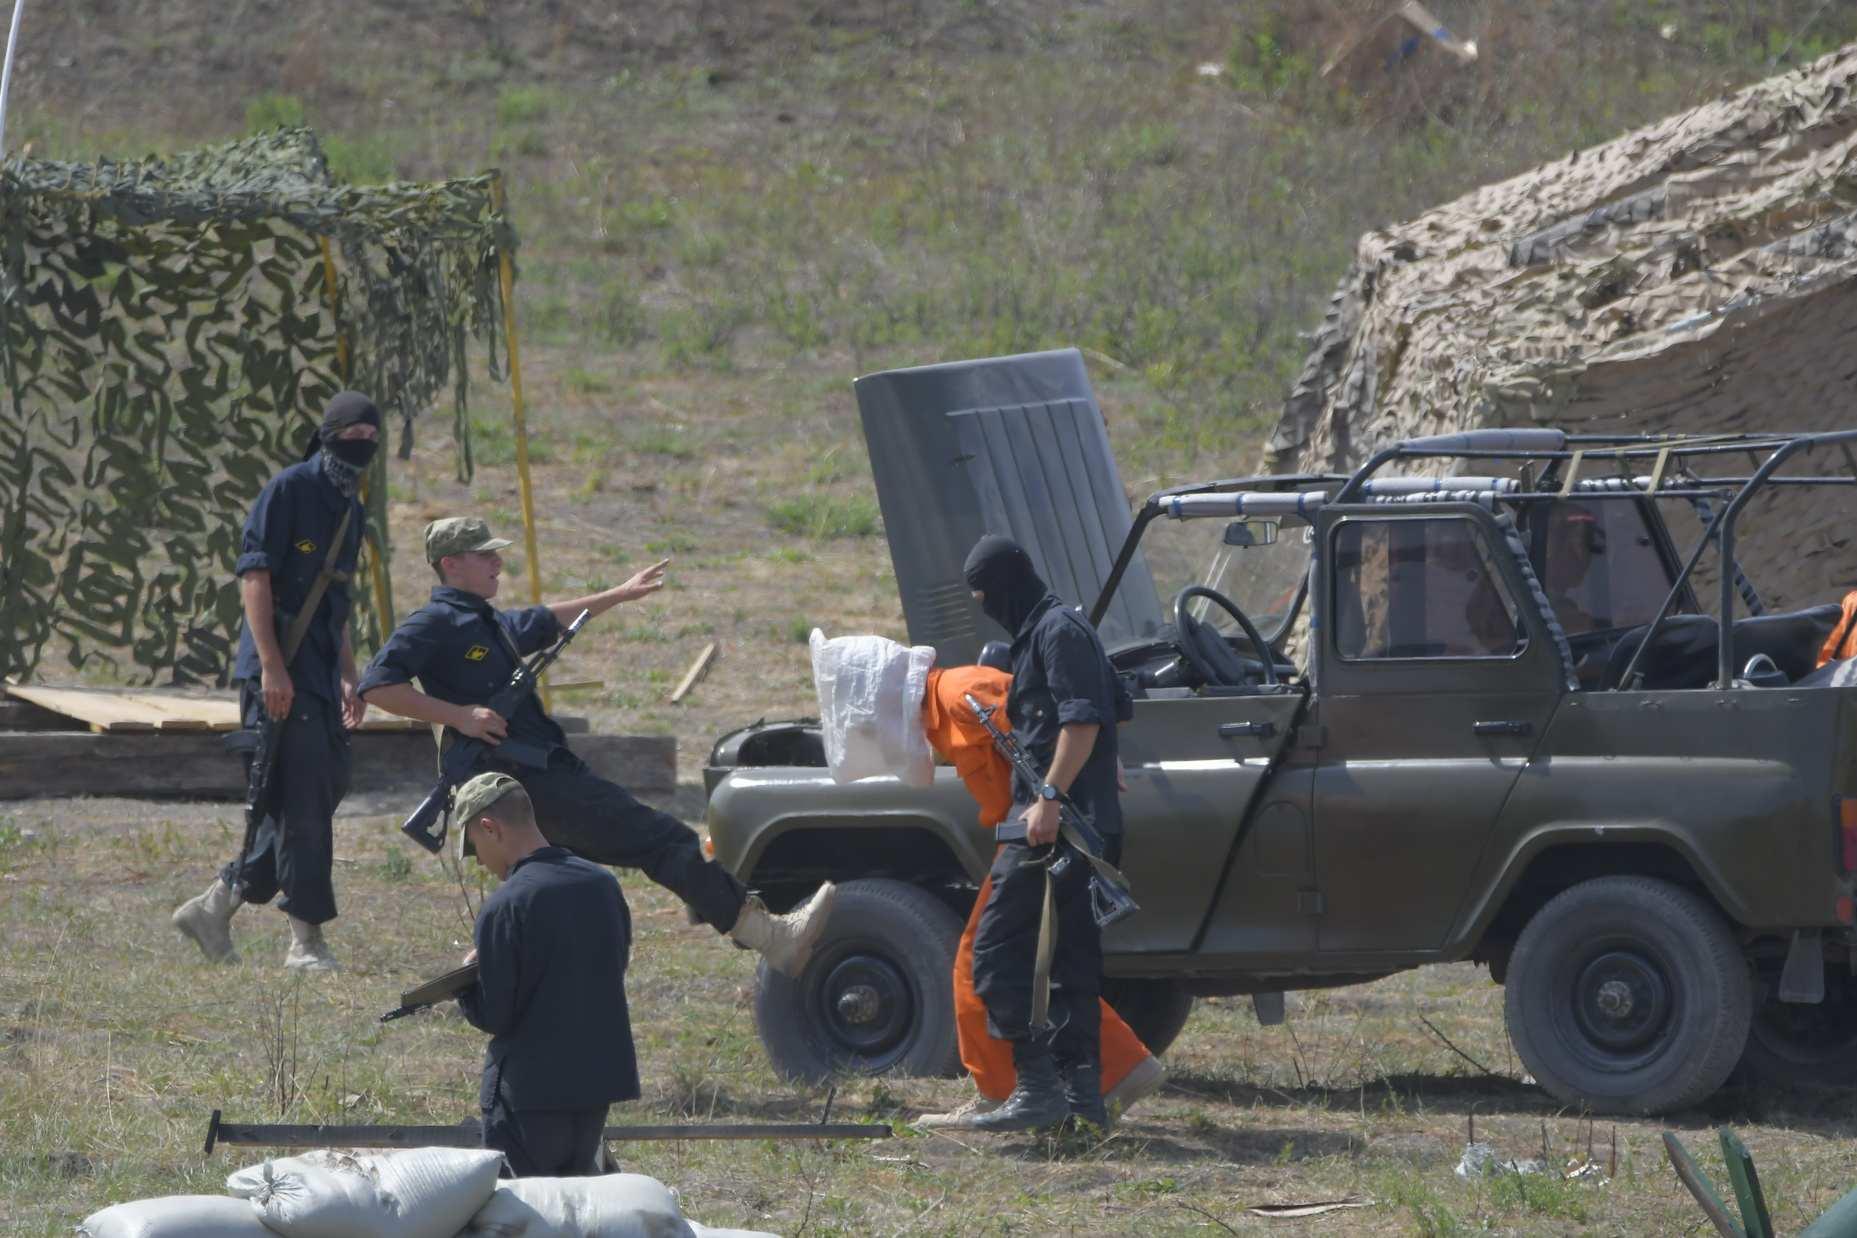 На полигоне Раевский бойцы ВДВ показали, как нужно действовать в конфликтных ситуациях с террористами